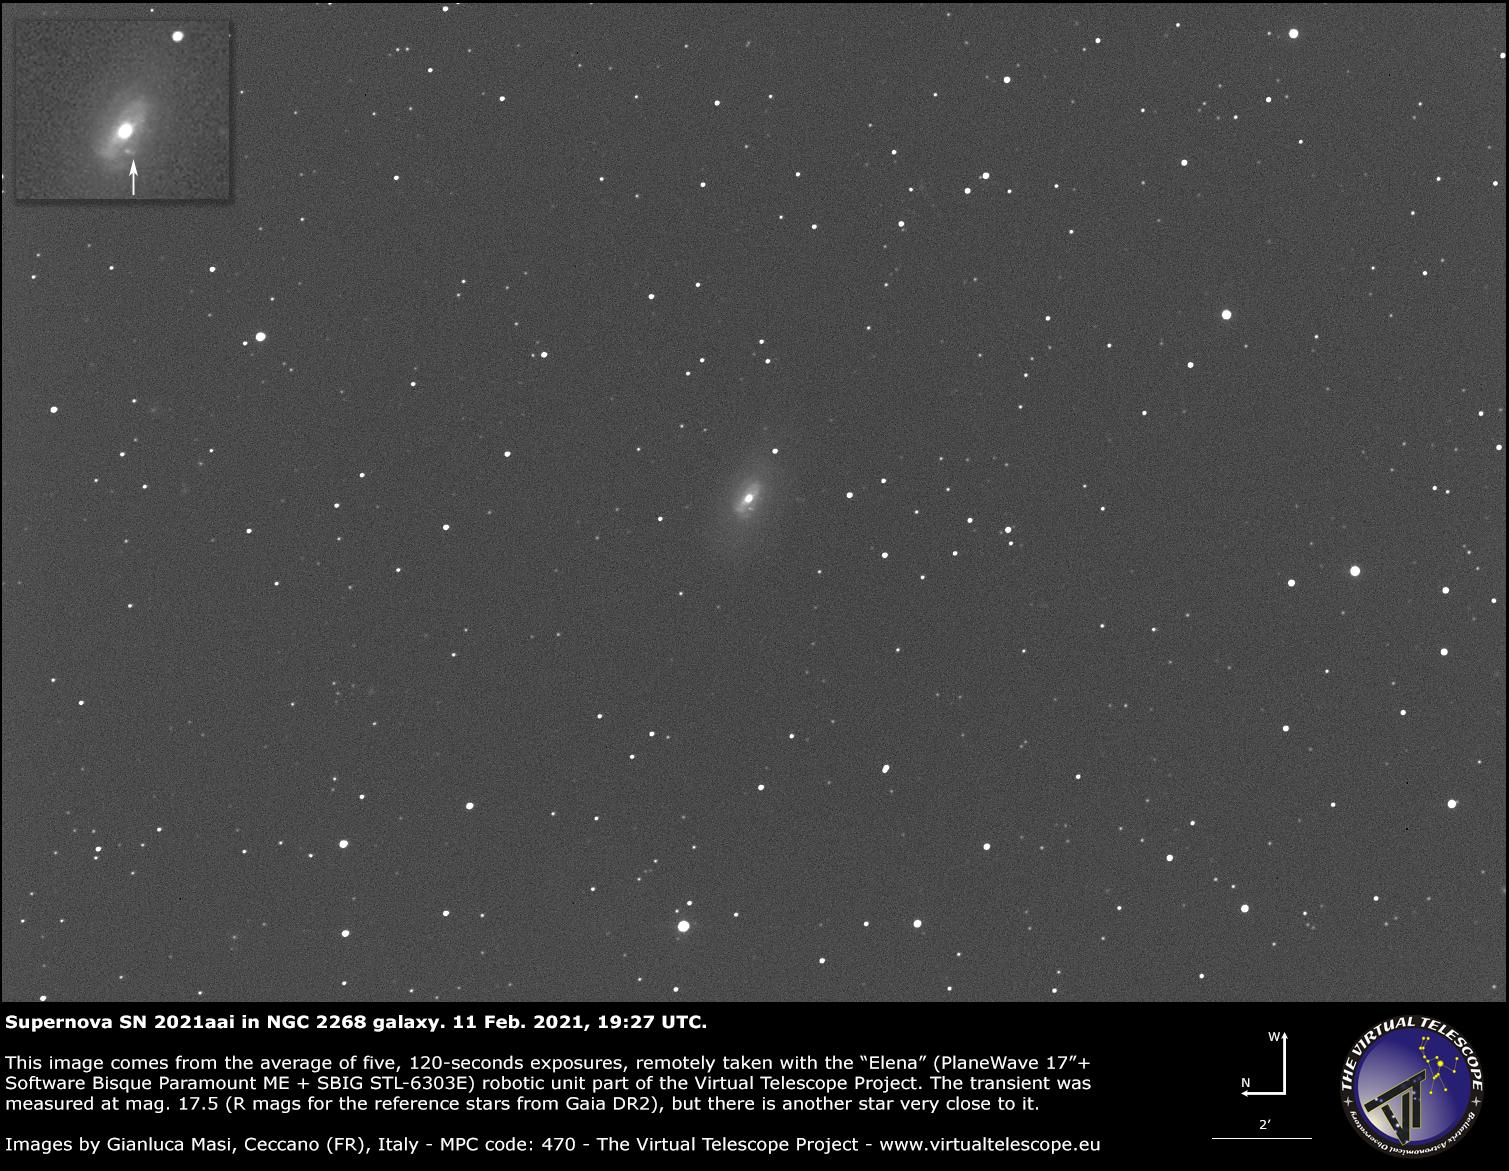 Supernova SN 2021aai in NGC 2268 galaxy: 11 Feb. 2021.